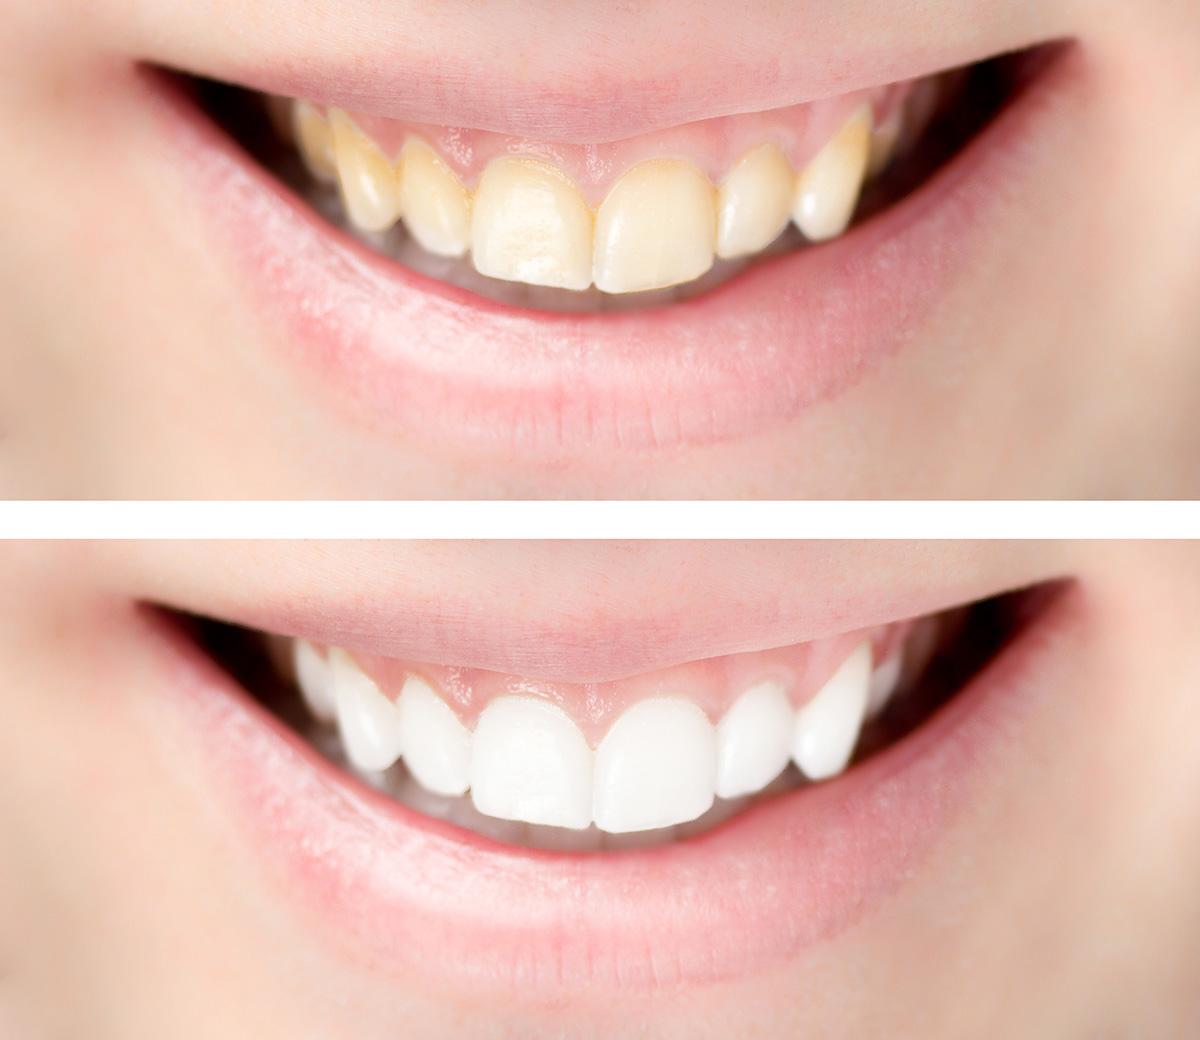 Zahnaufhellung - Vergleich: Vorher/Nachher